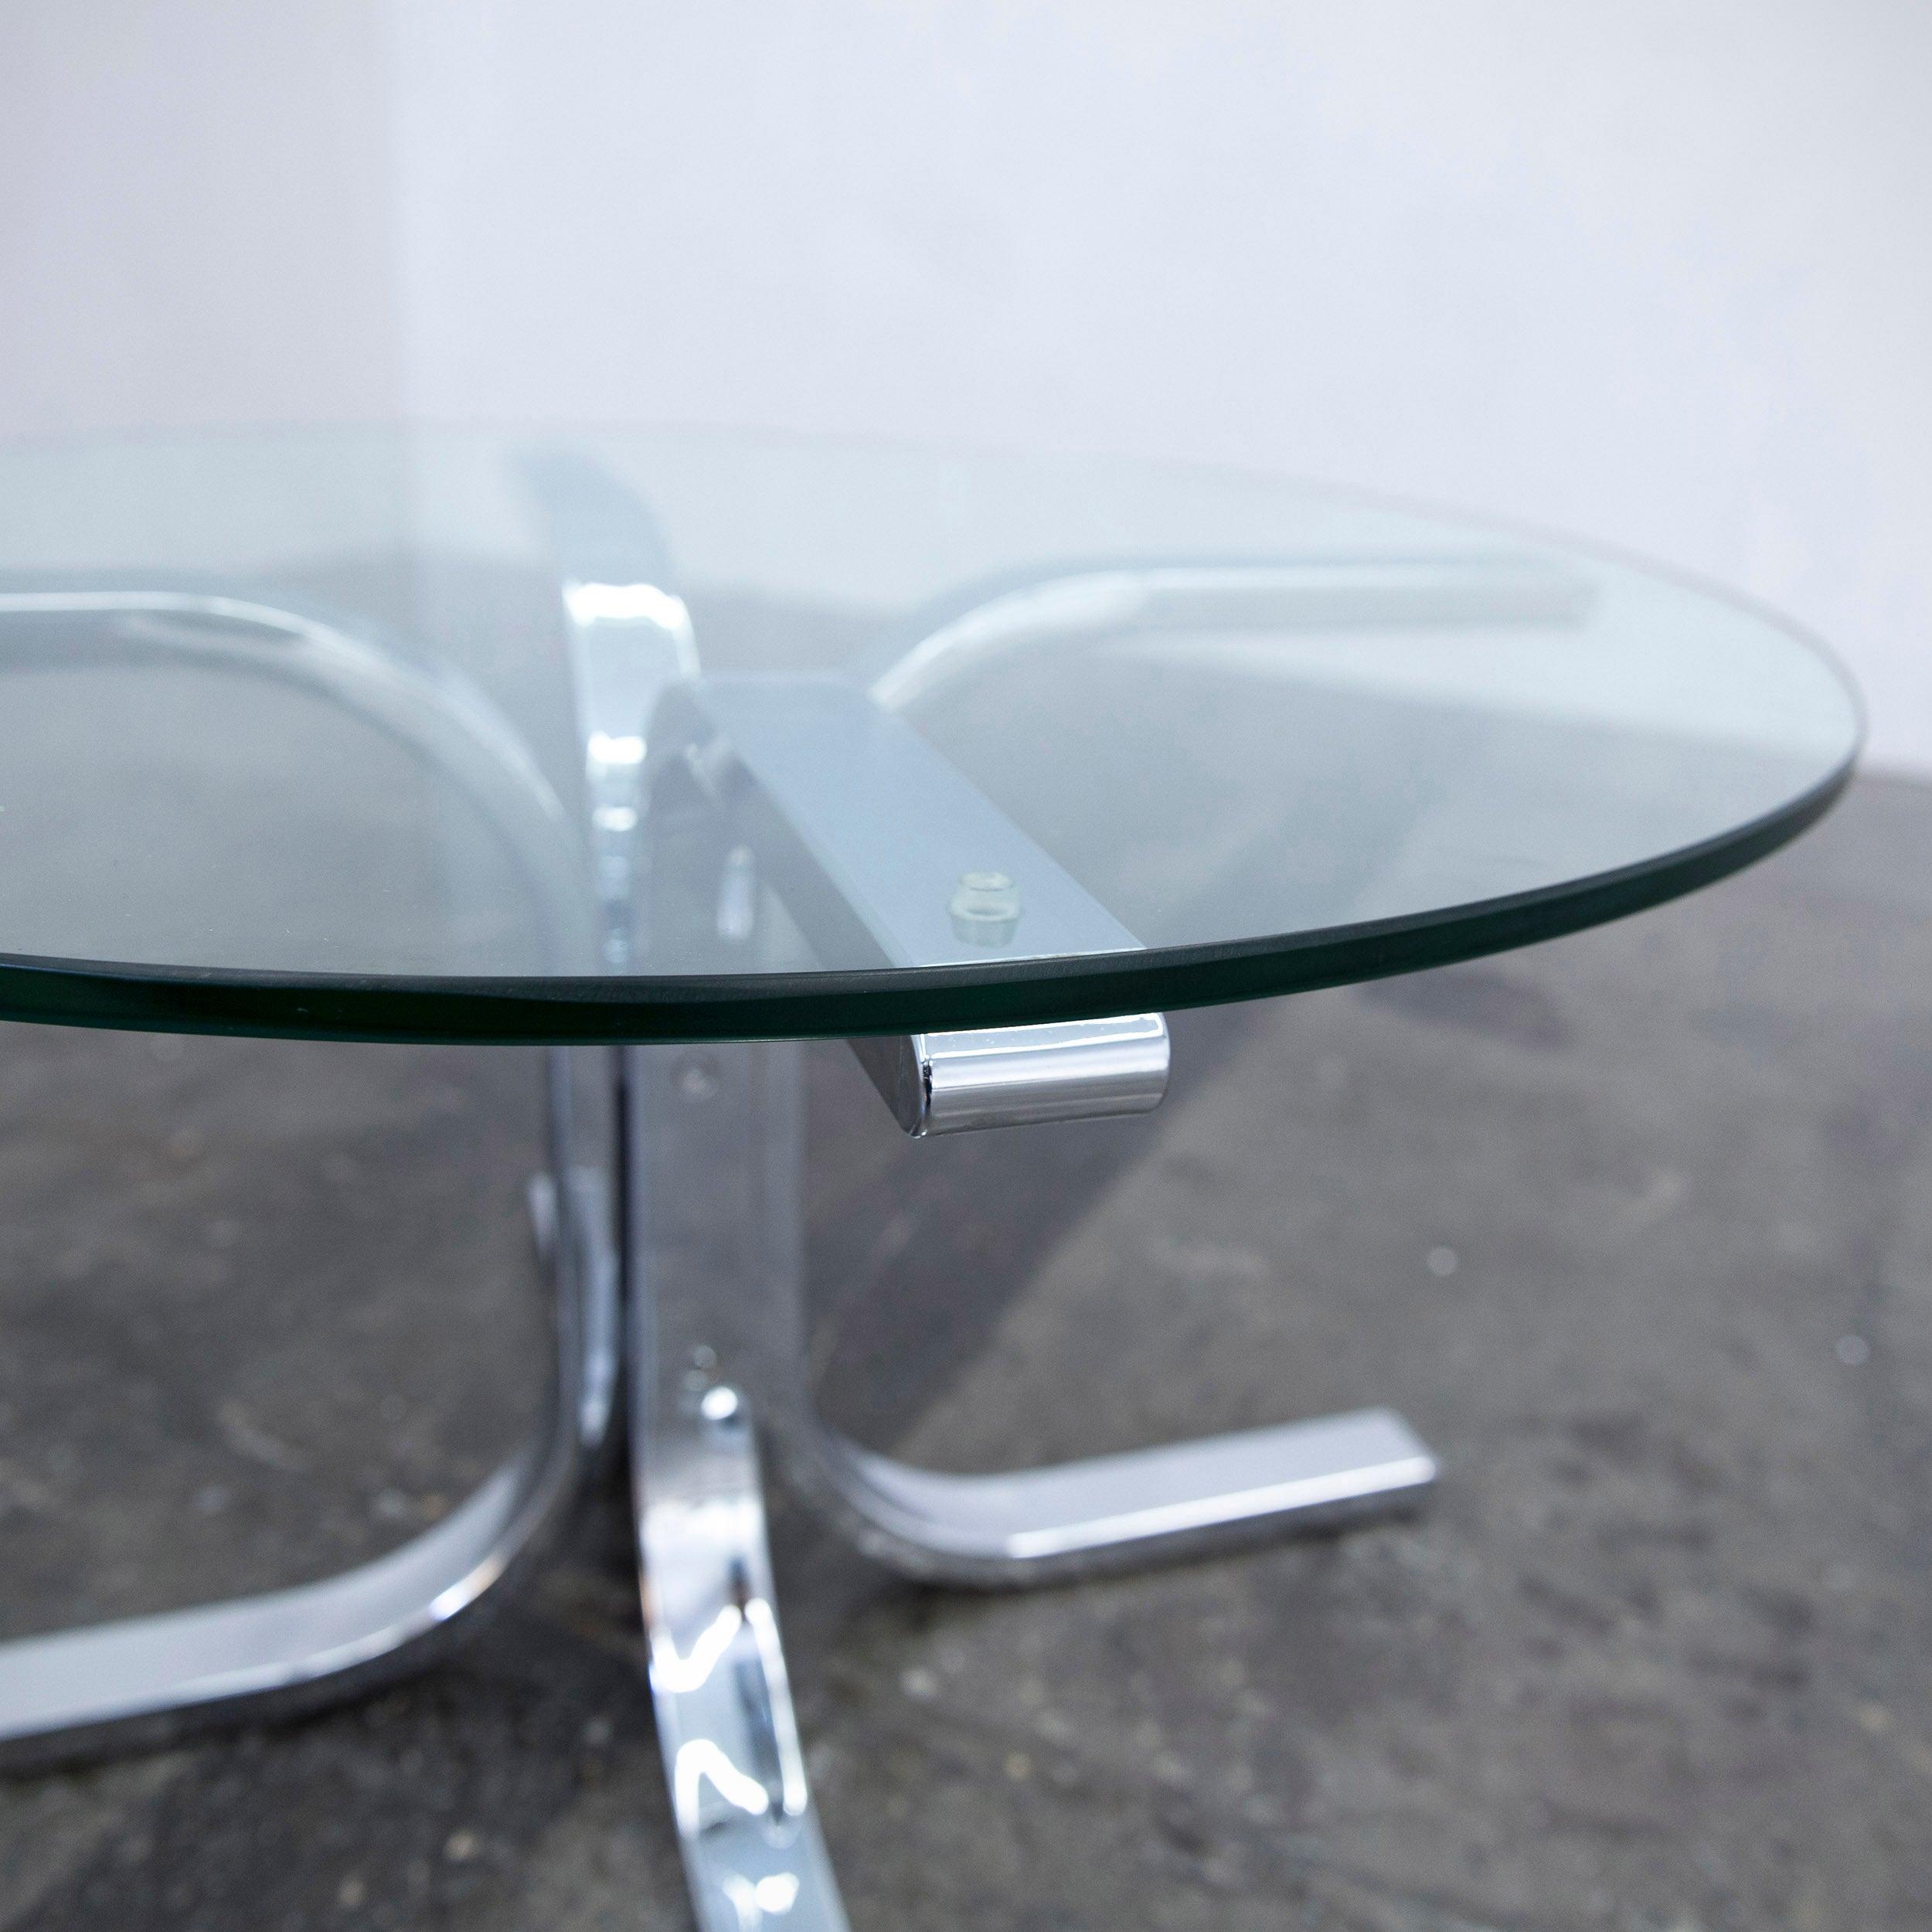 glas chrom excellent latest couchtisch glastisch moebella design glas chrom holz rund beton. Black Bedroom Furniture Sets. Home Design Ideas